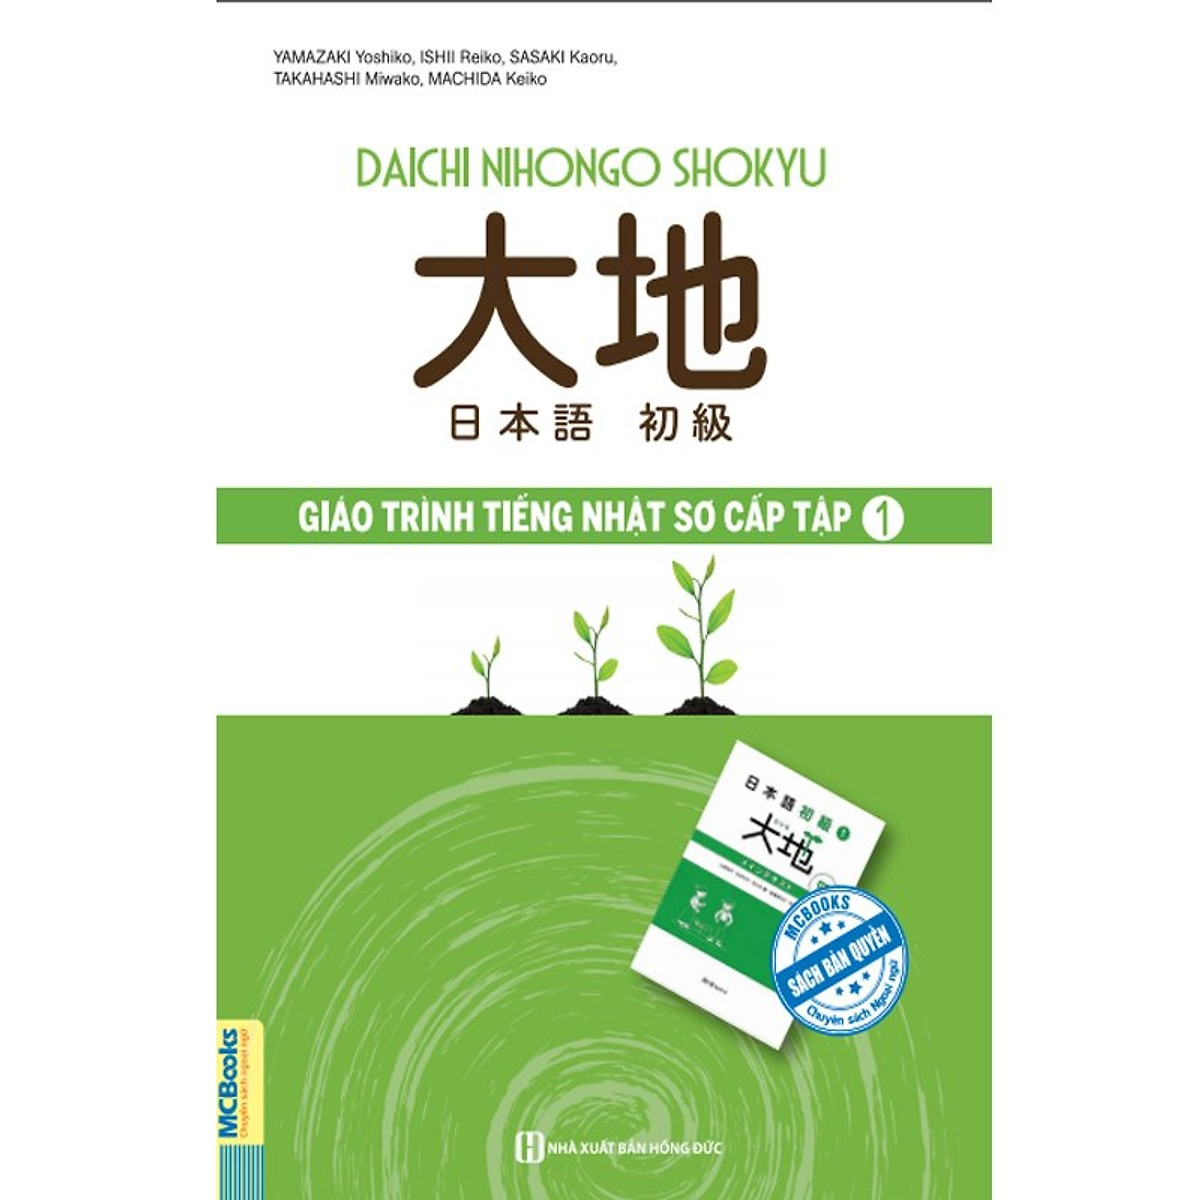 Giáo Trình Tiếng Nhật Daichi Sơ Cấp 1 (Học Kèm App: MCBooks Application) (Tặng Kèm Cây Viết Cực Đẹp)